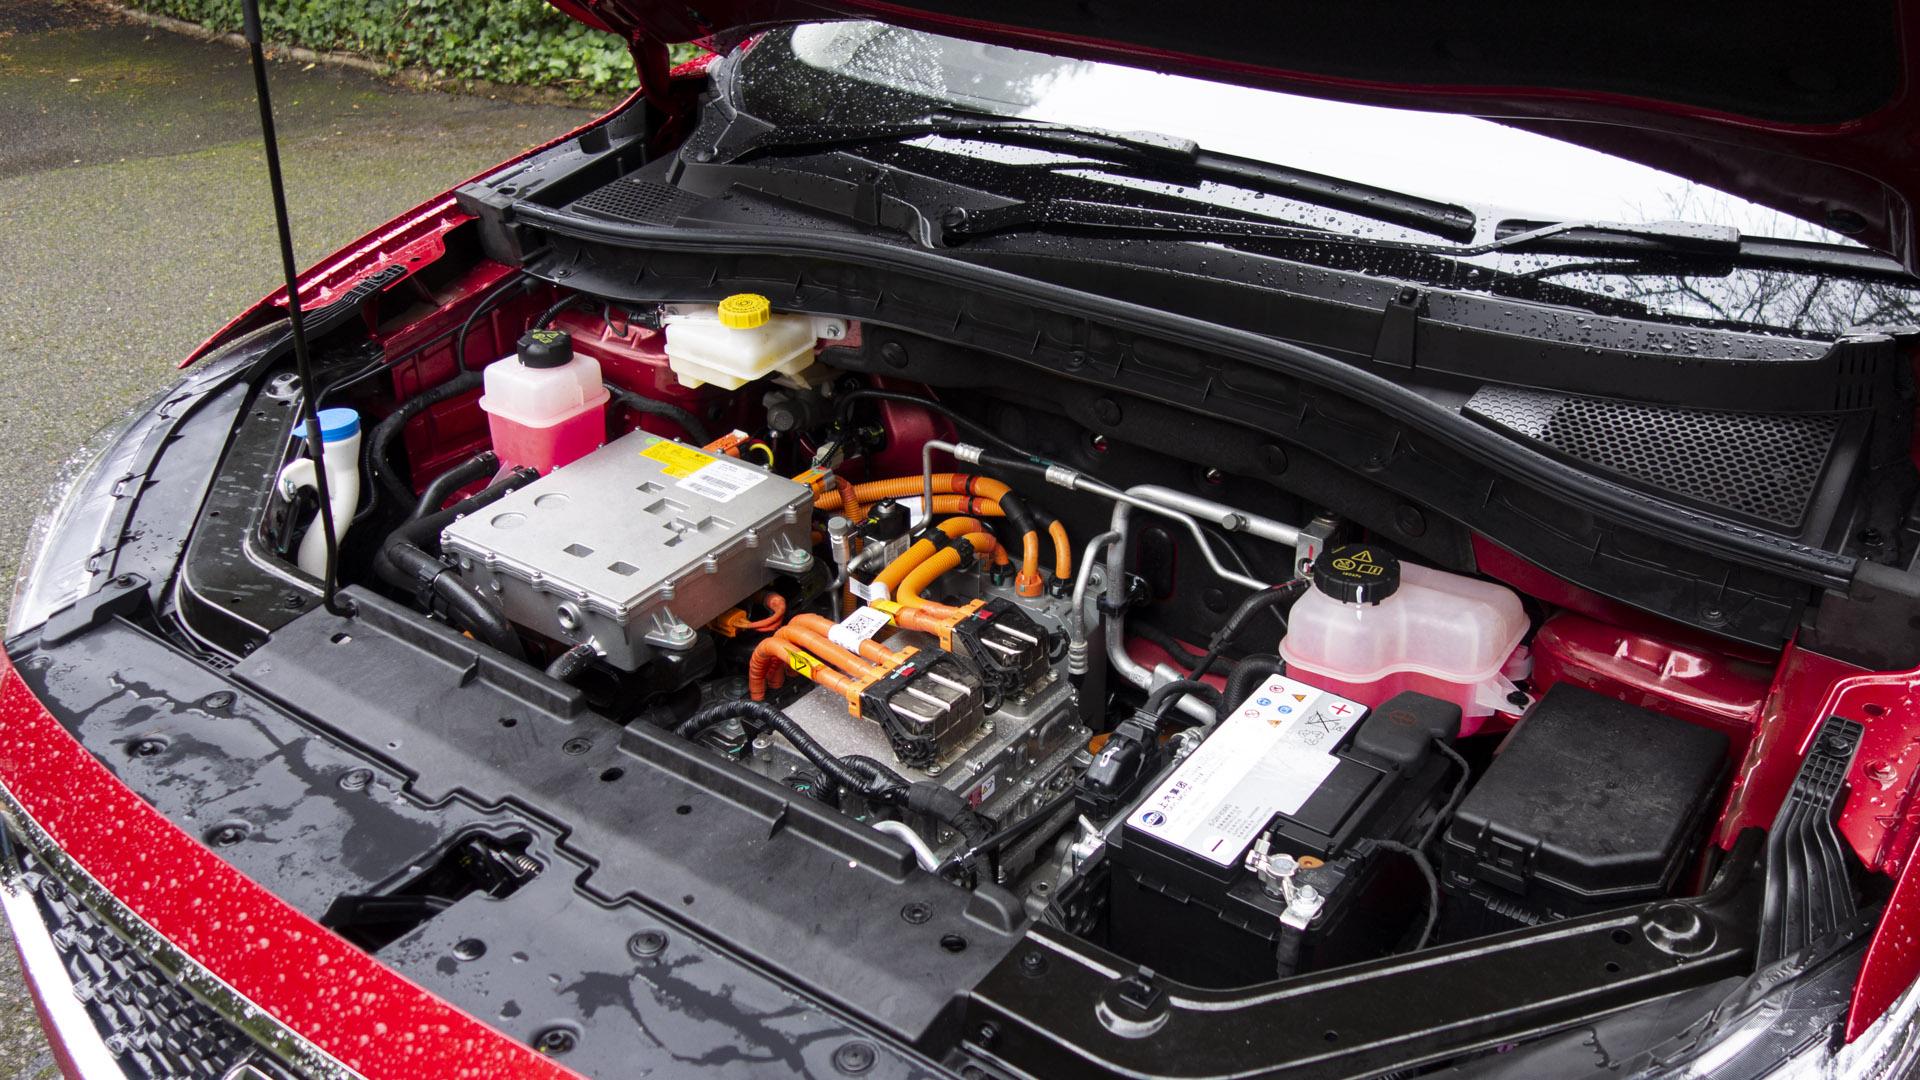 MG ZS EV motor TotallyEV